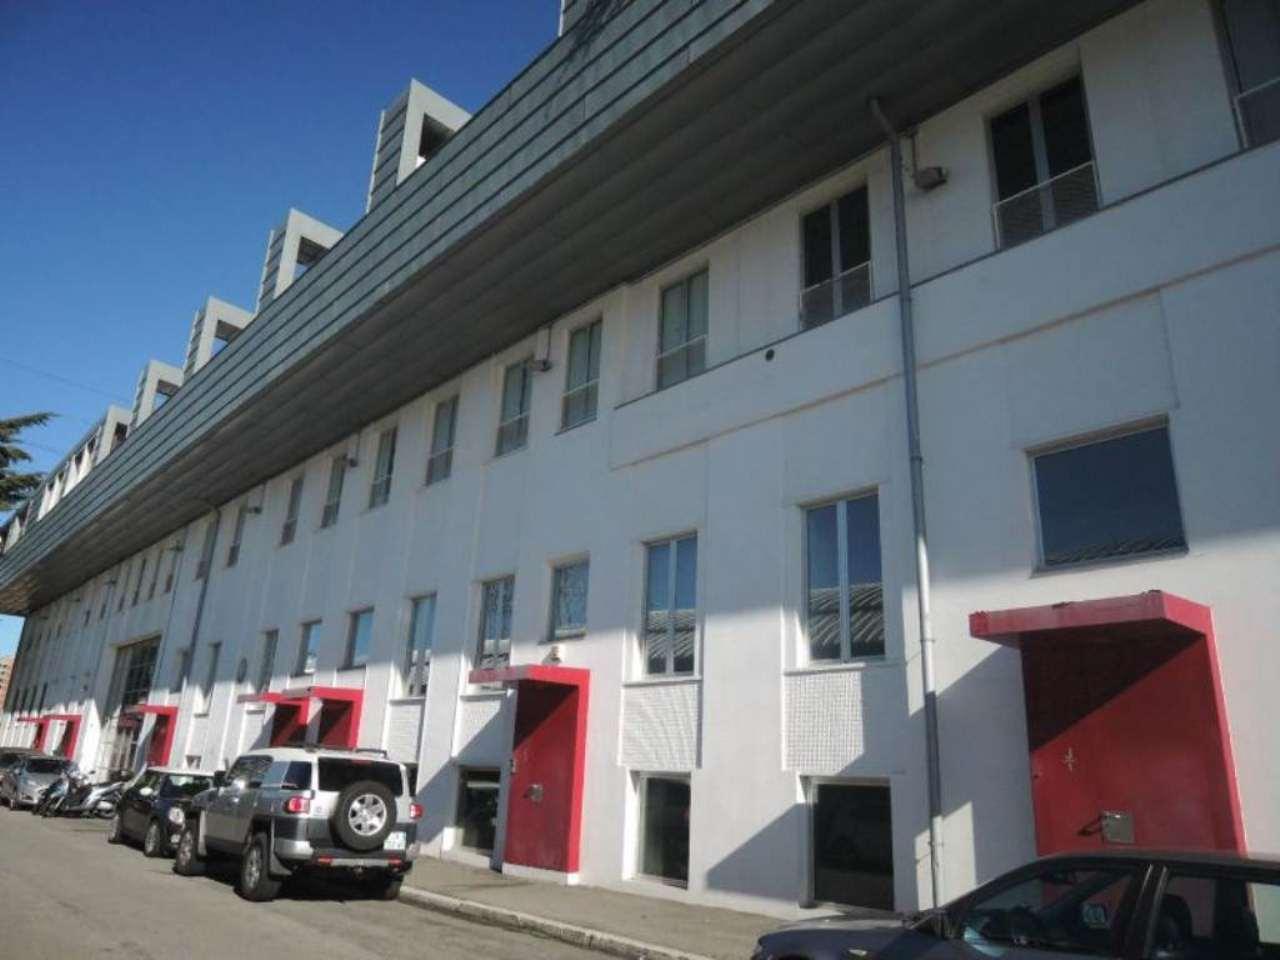 Loft / Openspace in vendita a Milano, 1 locali, zona Zona: 3 . Bicocca, Greco, Monza, Palmanova, Padova, prezzo € 125.000 | Cambio Casa.it